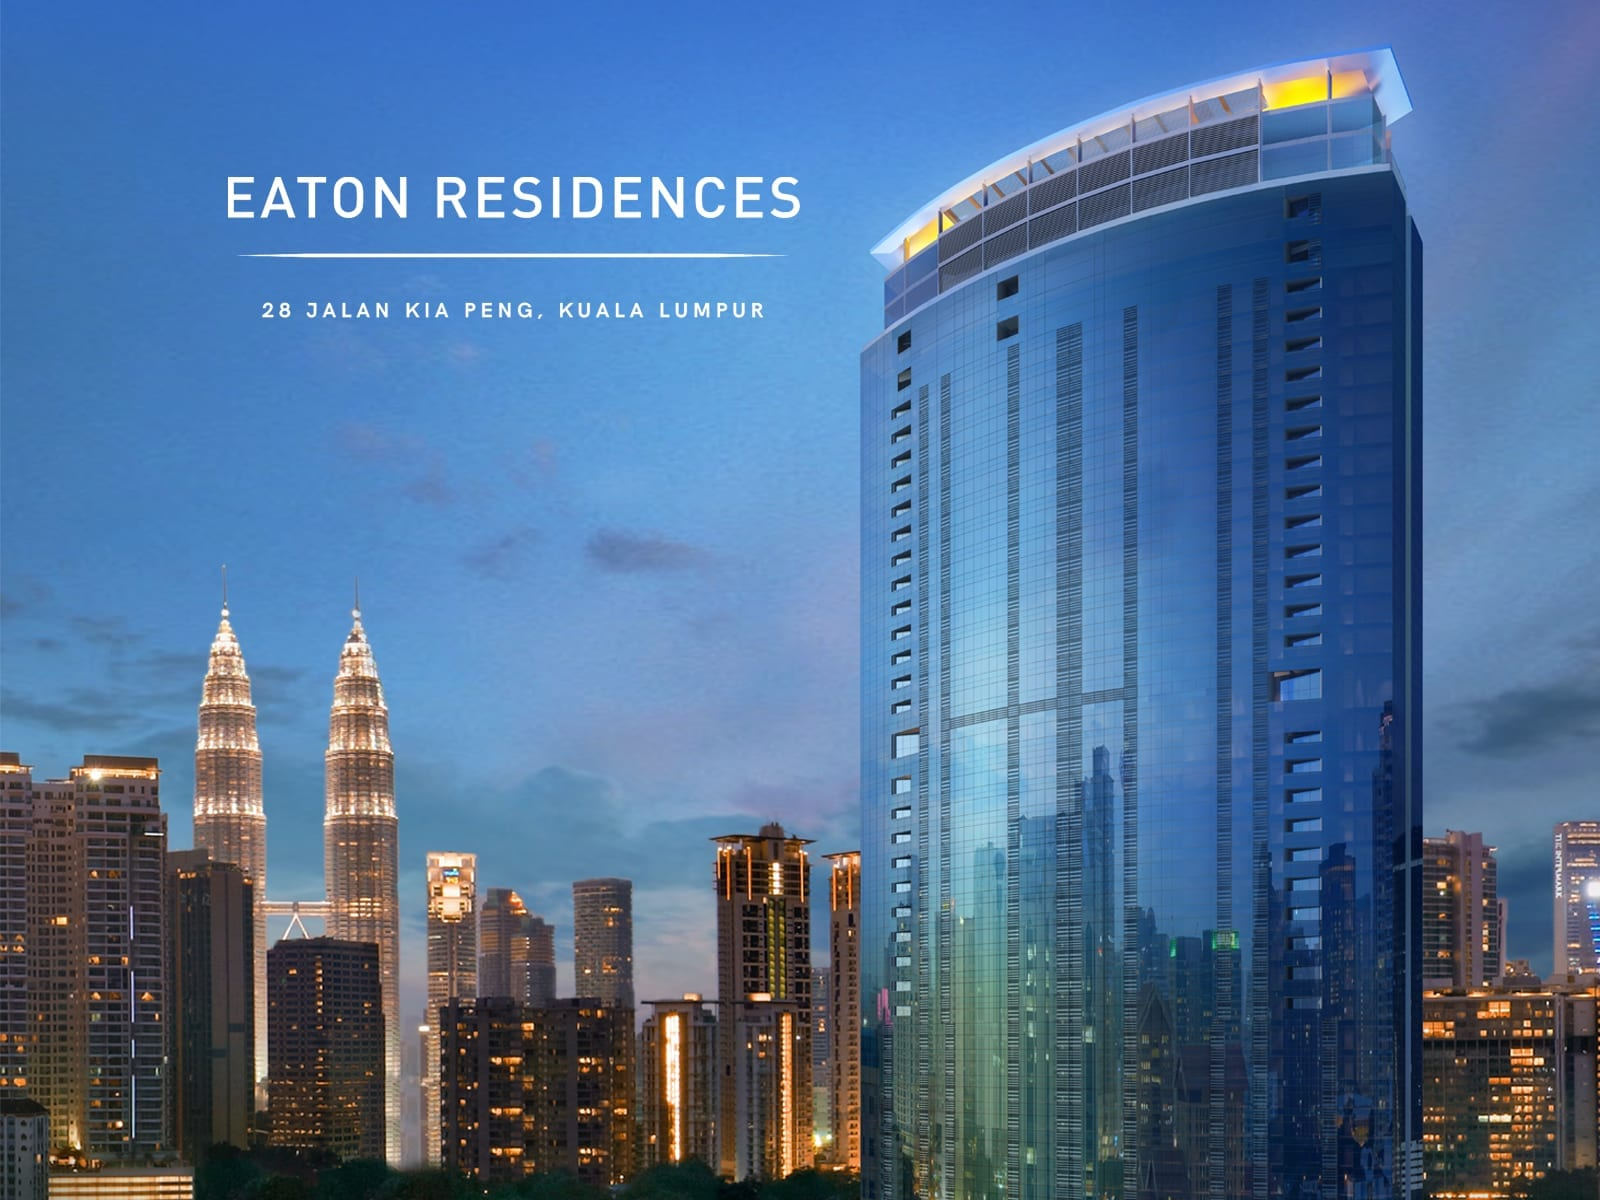 Eaton Residences